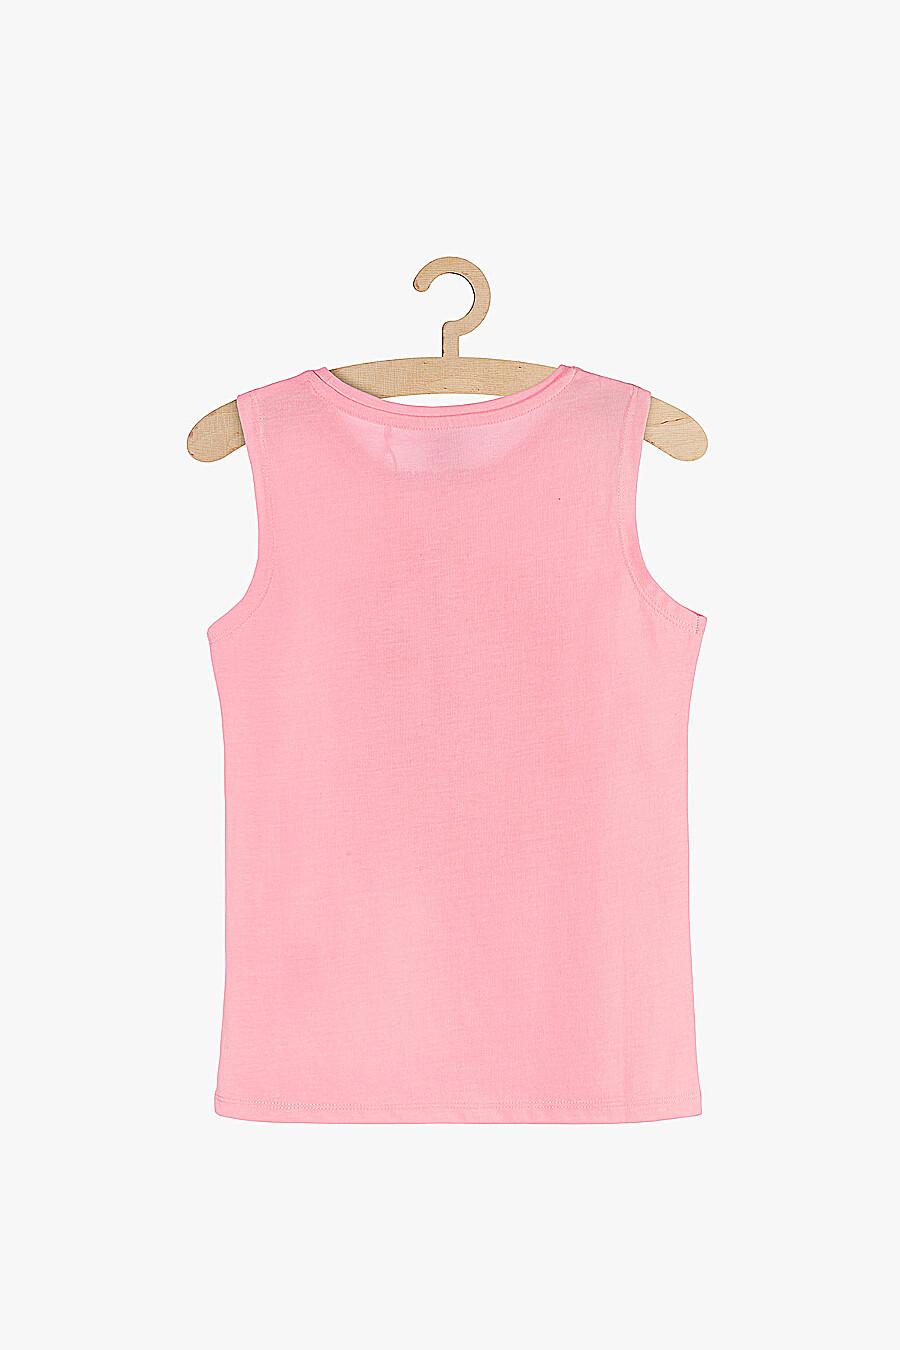 Майка для девочек 5.10.15 218396 купить оптом от производителя. Совместная покупка детской одежды в OptMoyo